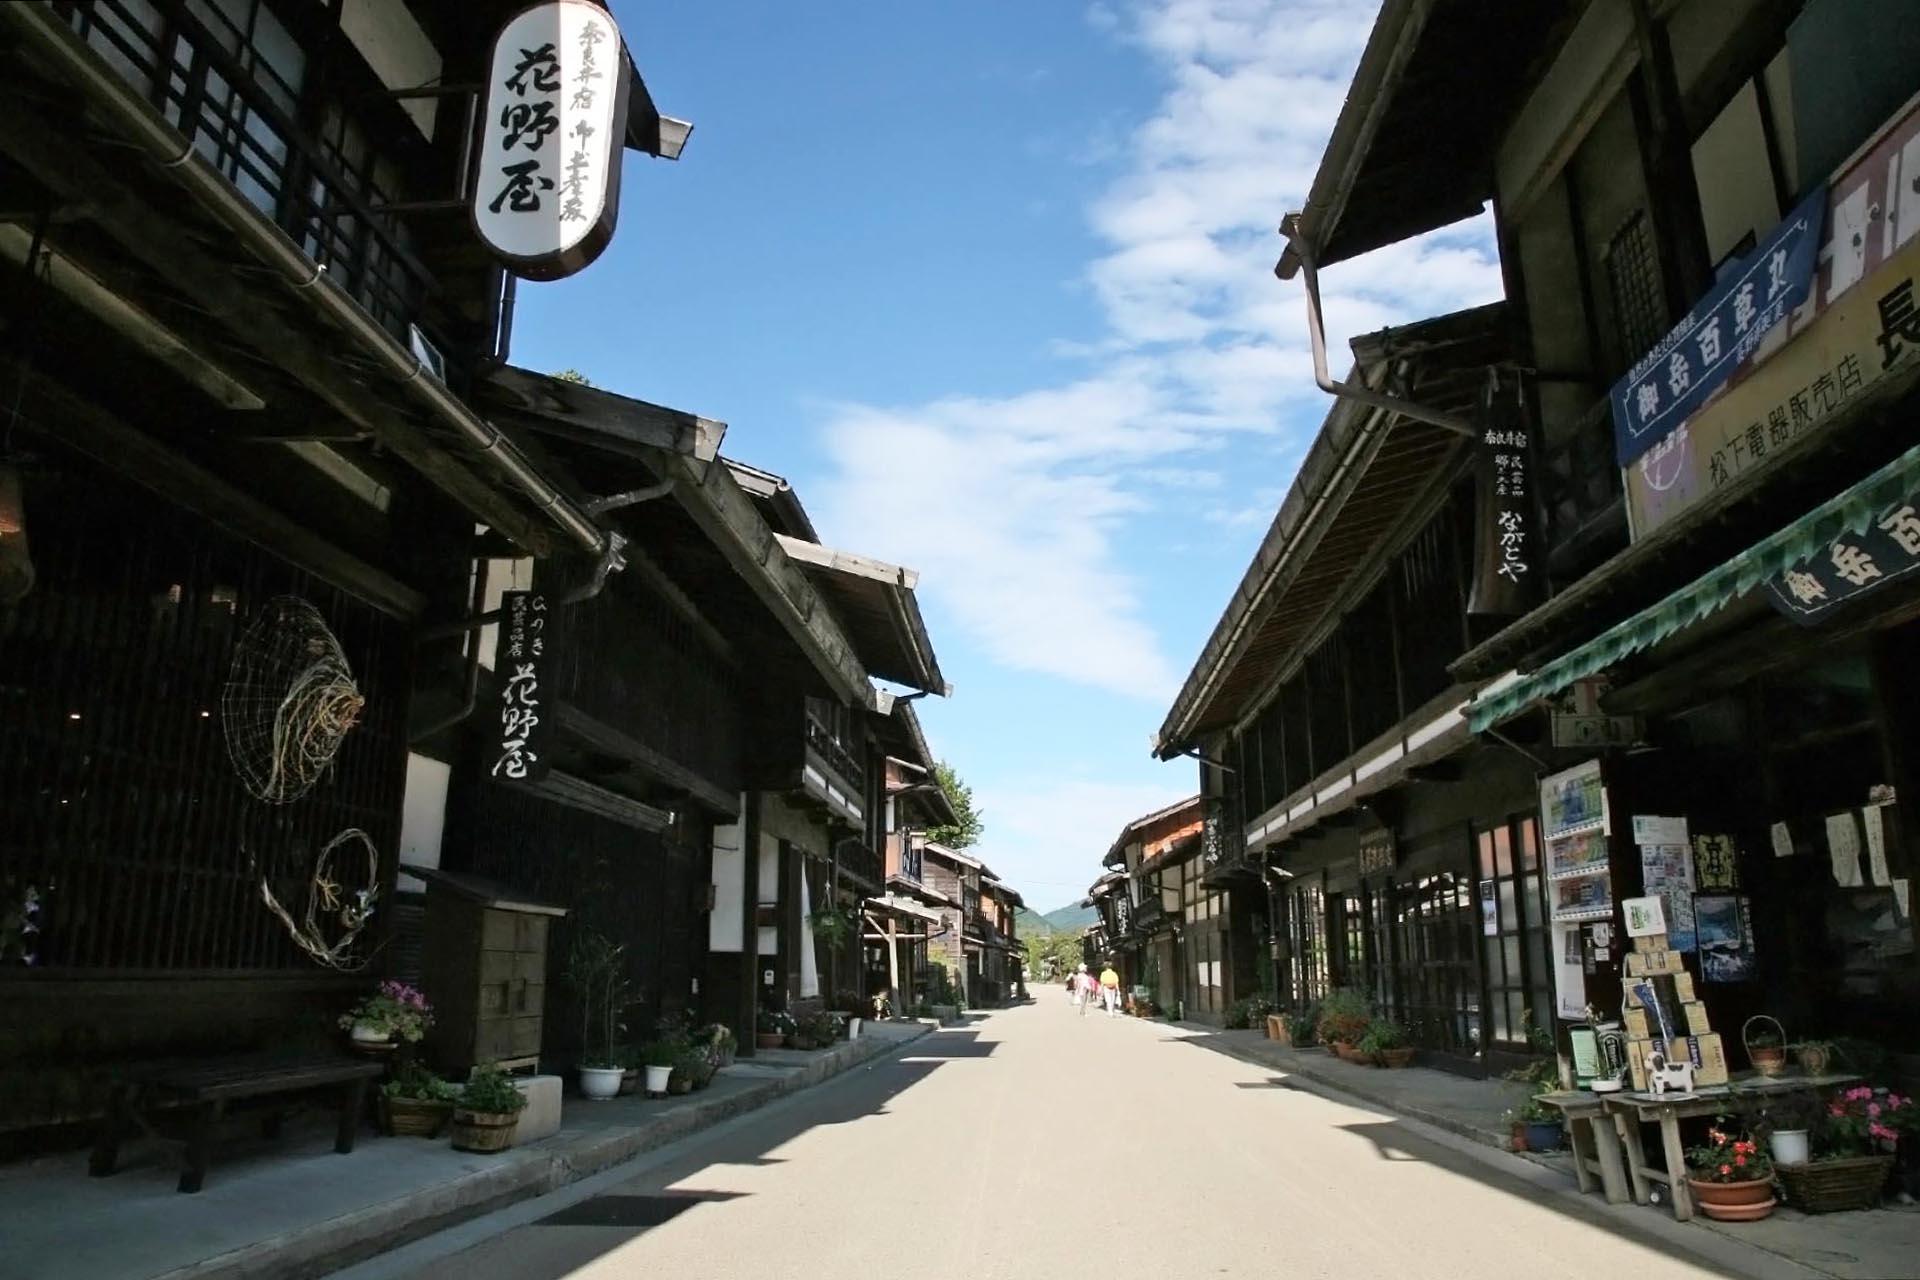 日本の古い町並み「奈良井宿」 長野の風景